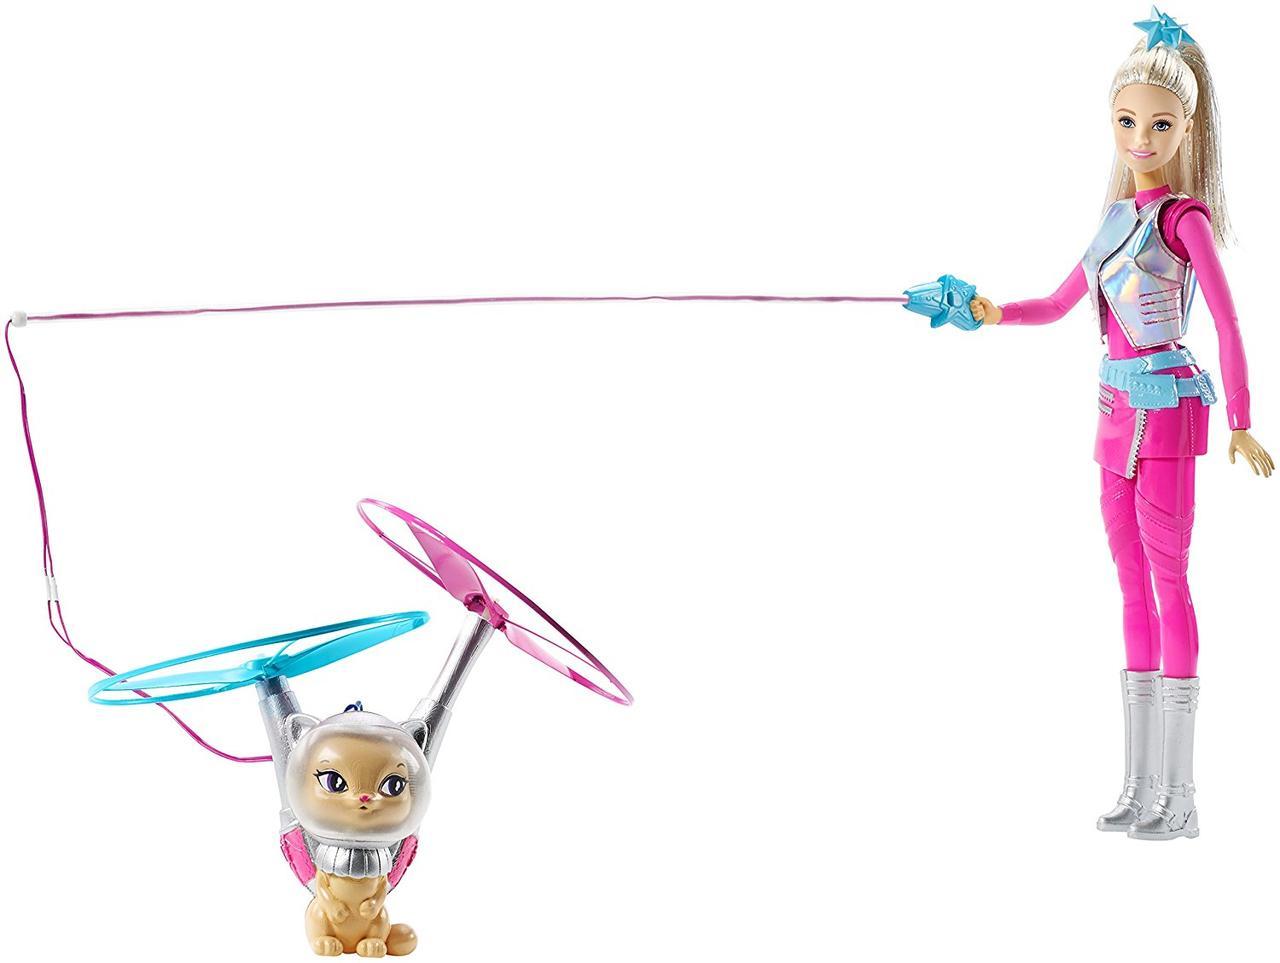 Barbie Барби и космический котик из серии Космическое приключение Star Light Galaxy Barbie Doll & Flying Cat